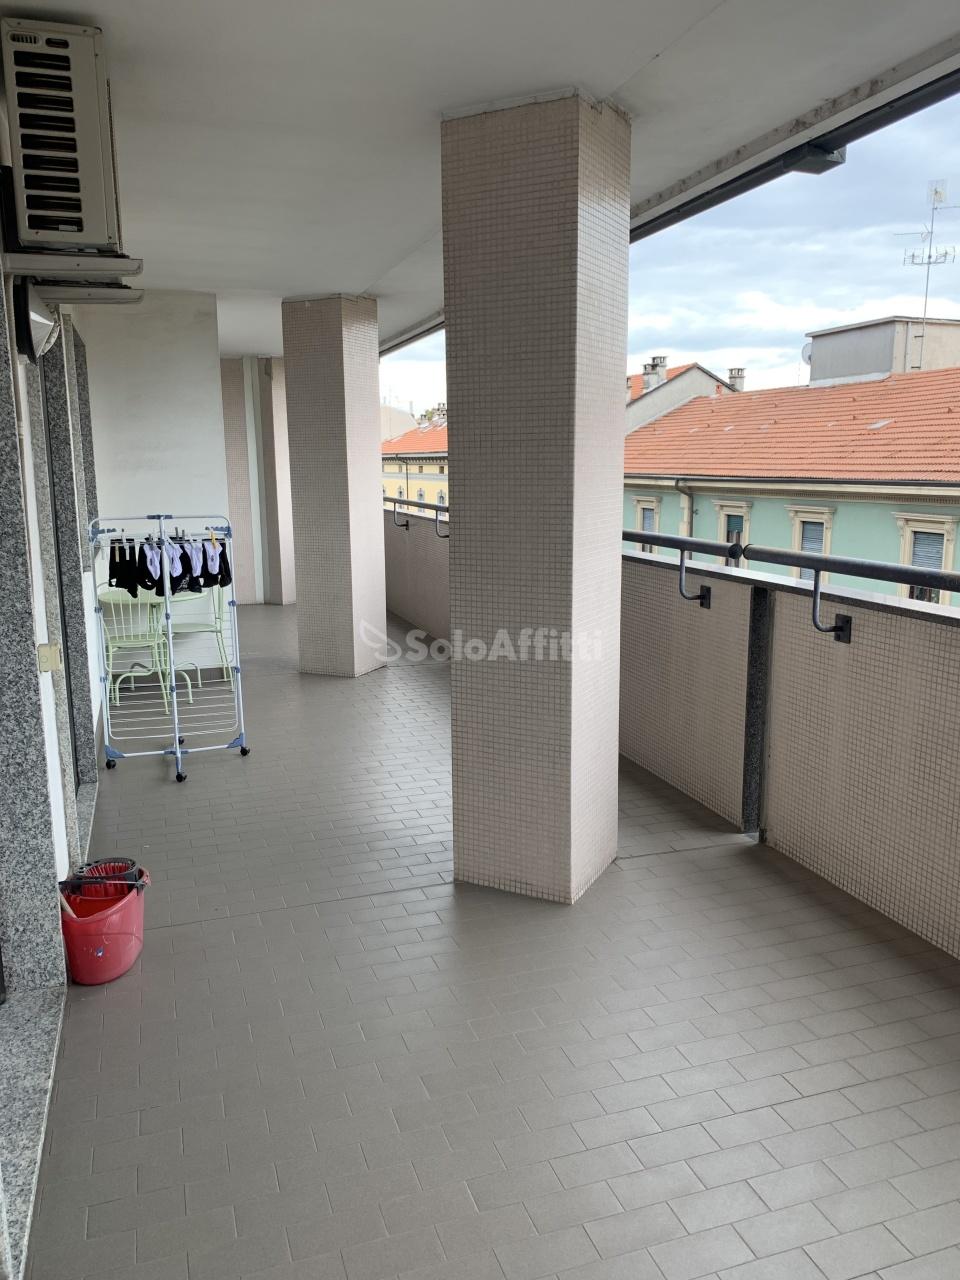 Appartamento in affitto a Novara, 3 locali, prezzo € 750 | CambioCasa.it